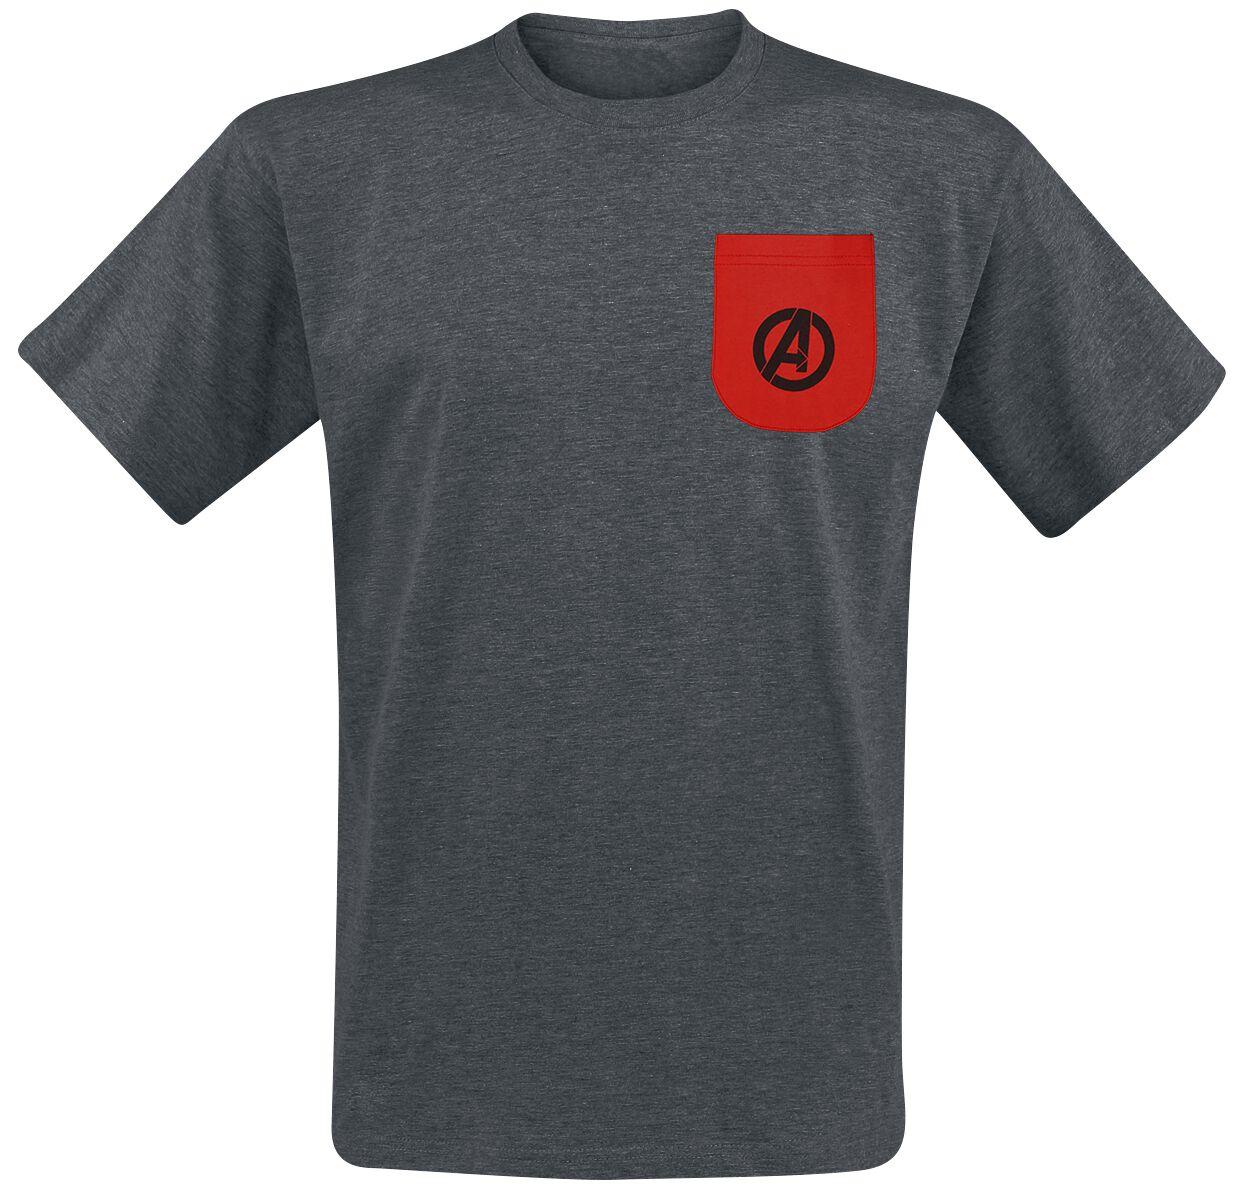 Image of Avengers Avengers - Logos T-Shirt dunkelgrau meliert